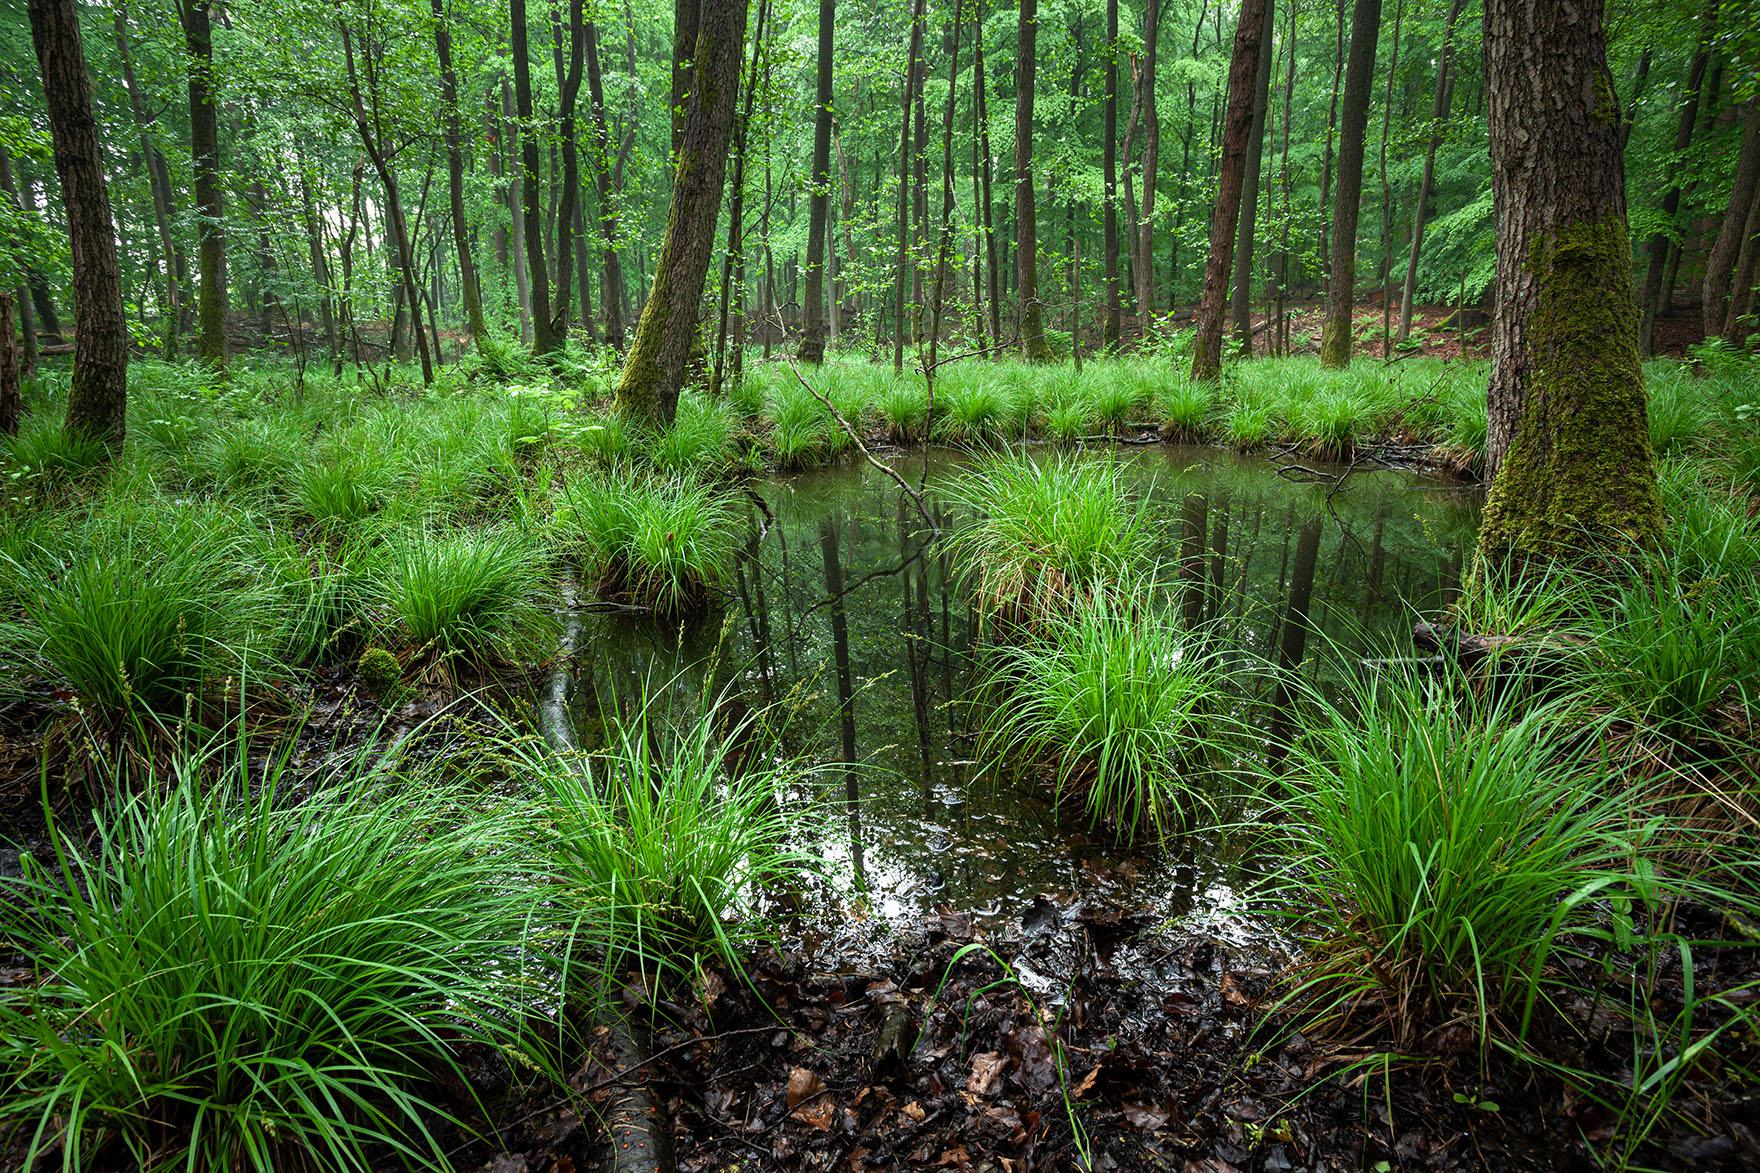 Intensives Maigrün in sumpfigen Ecken eines Waldes in Schleswig-Holstein.